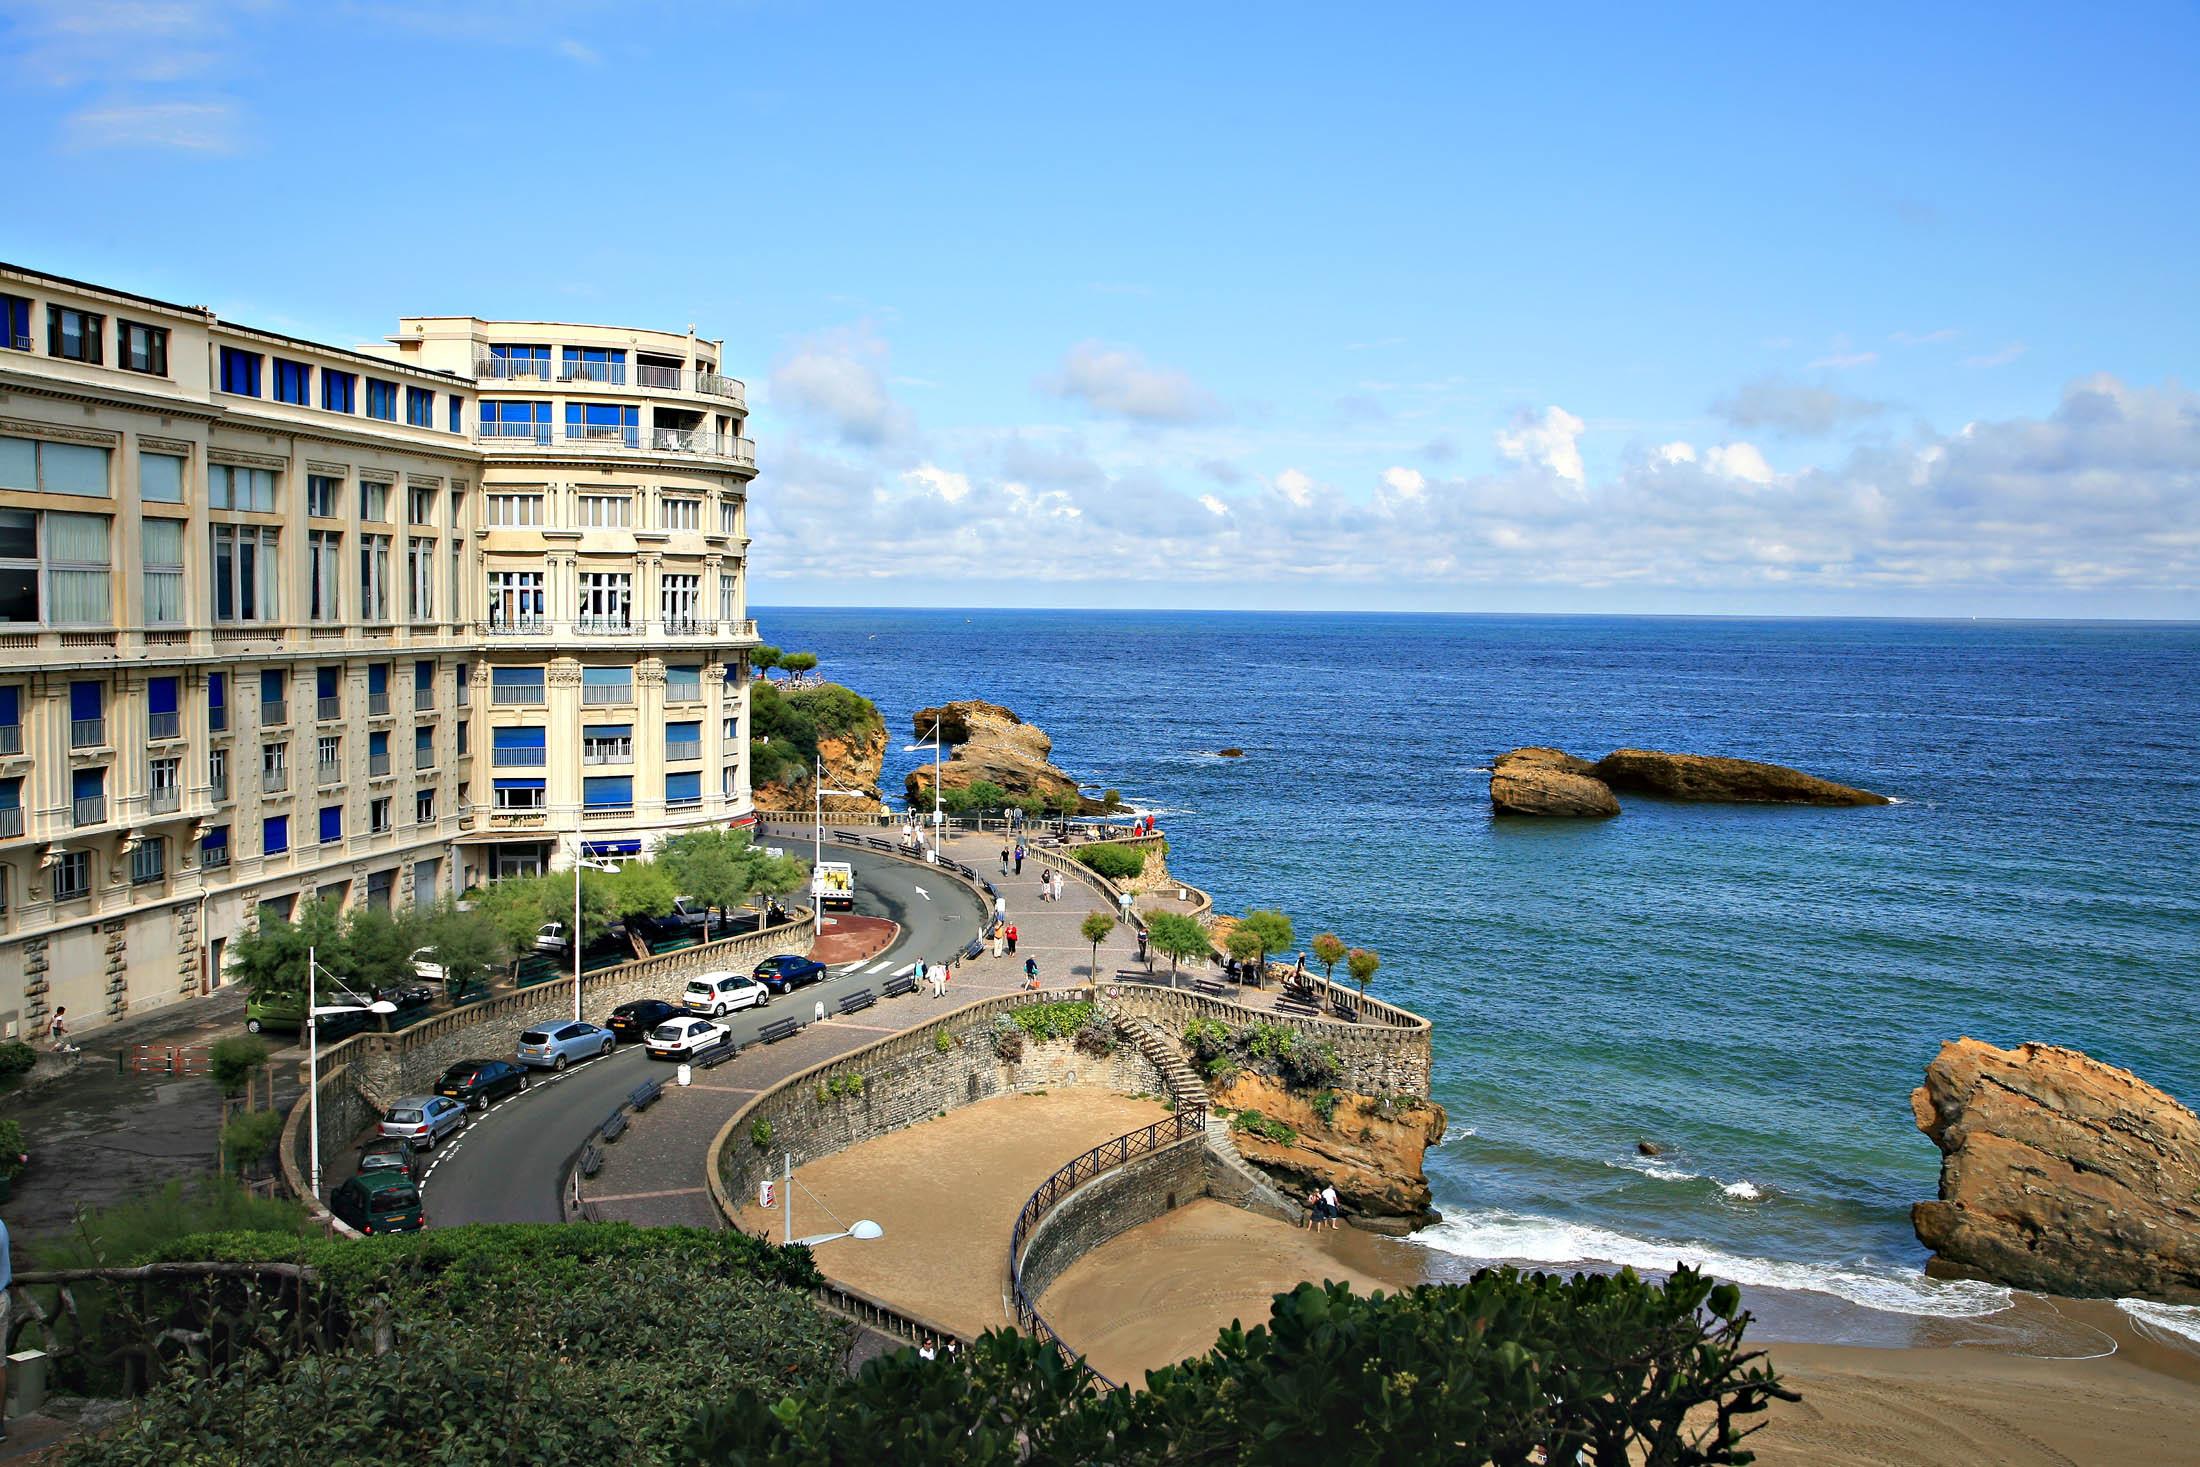 Кращі курорти Франції. Куди відправитися на відпочинок у Франції?